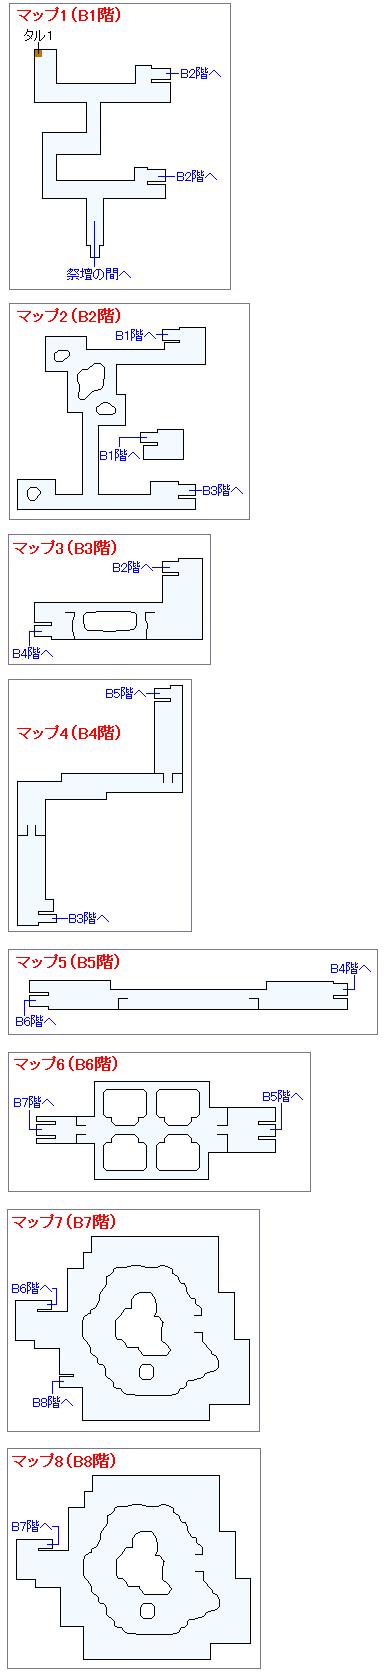 カラーストーン採掘場(VII:エデンの祭壇)のマップ画像